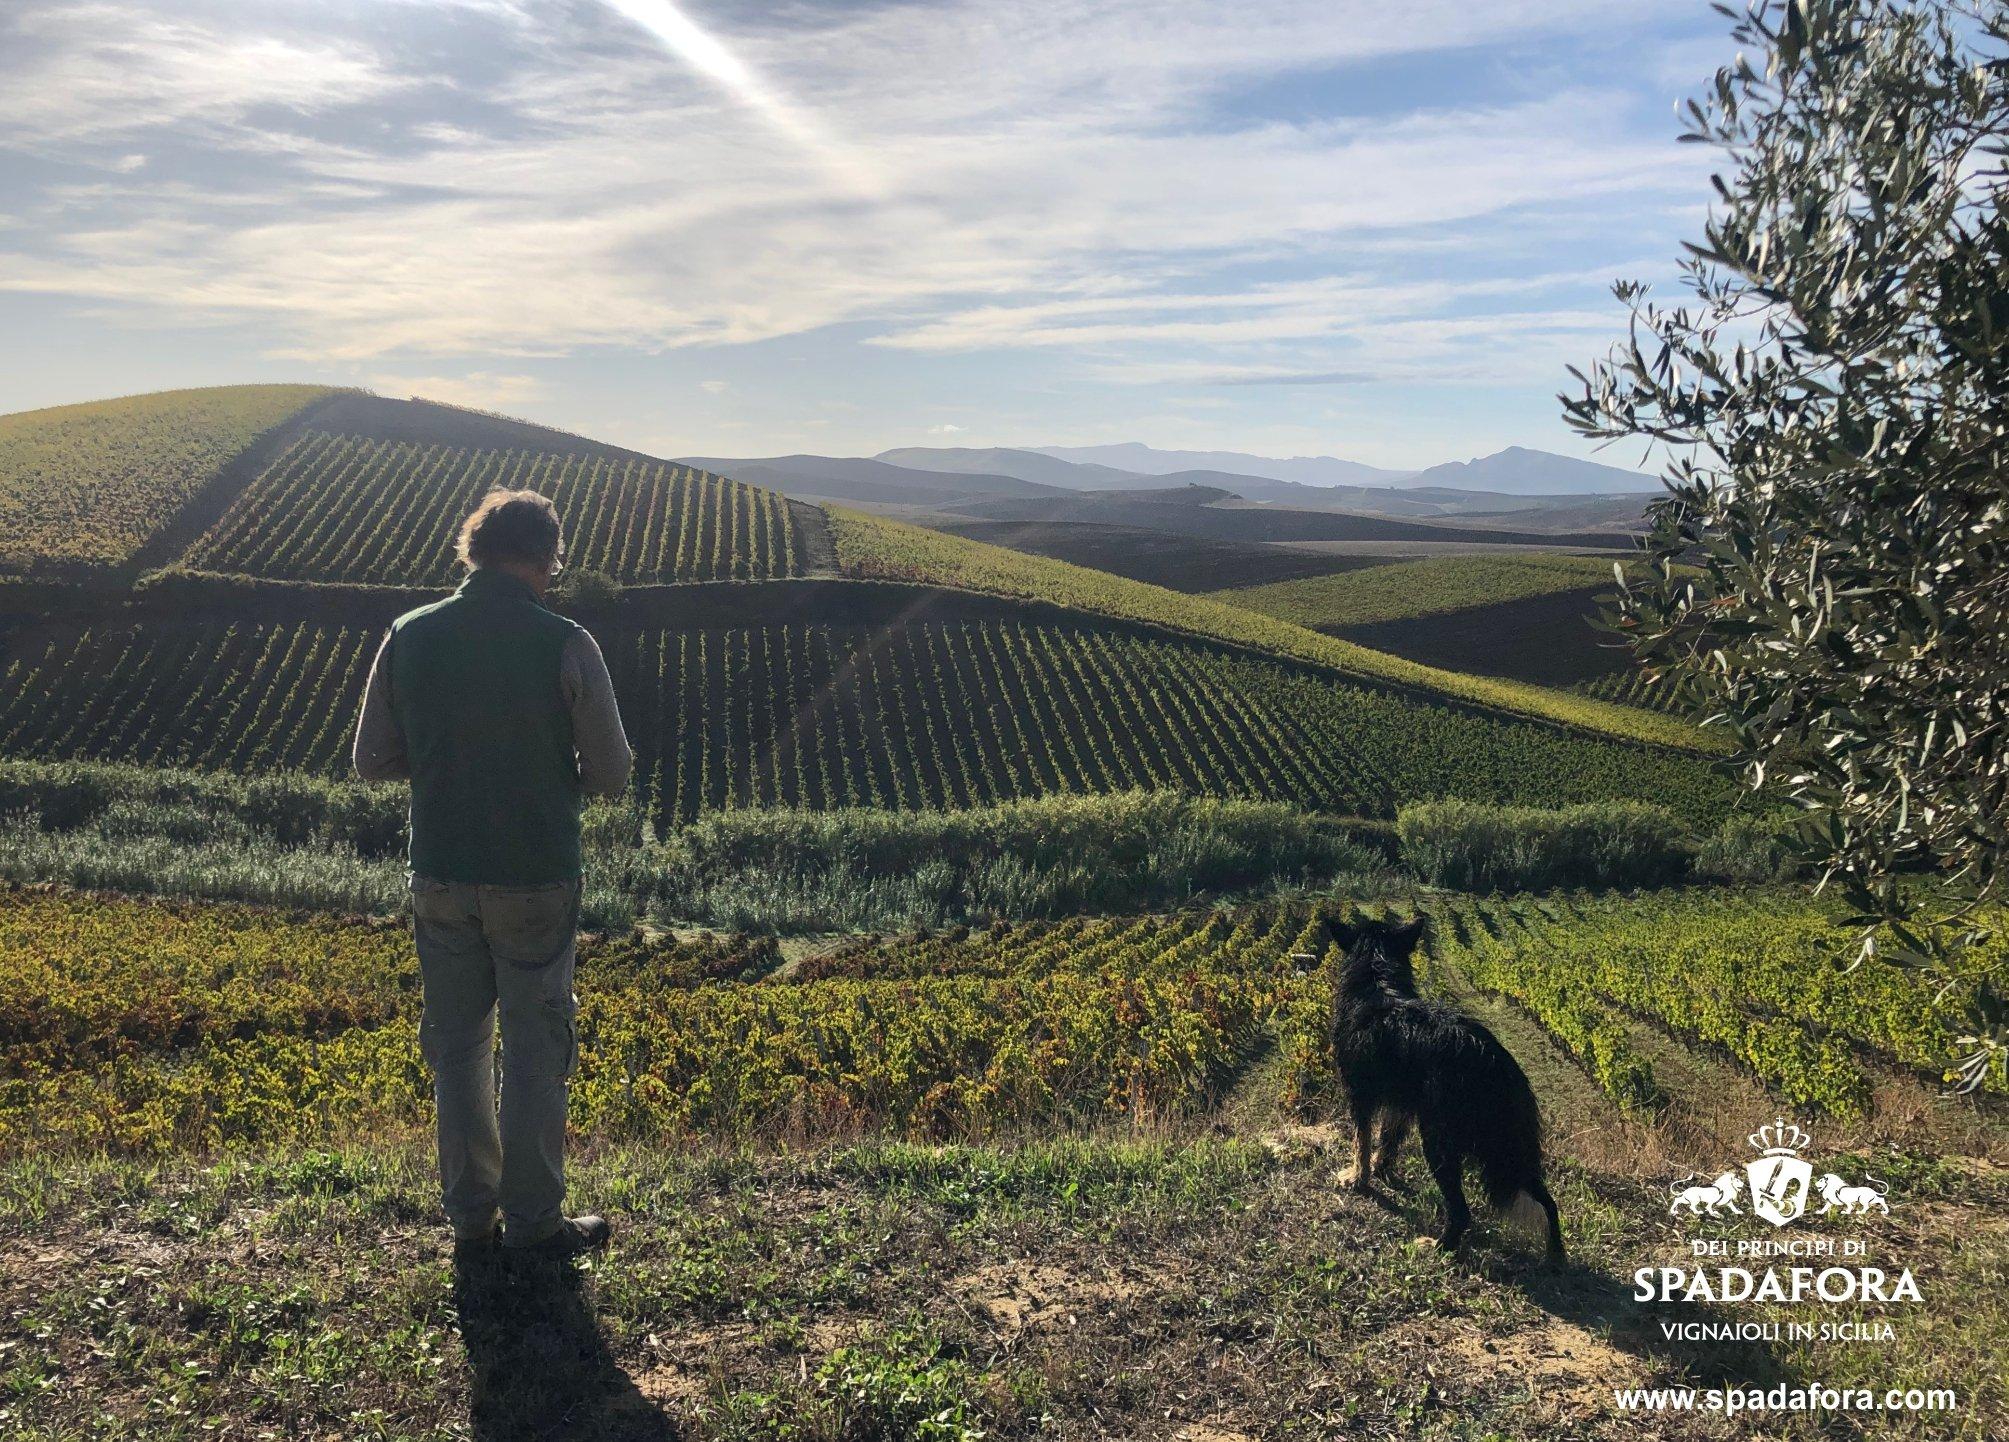 Vendita vino biologico da agricoltura sostenibile, Dei Principi di Spadafora